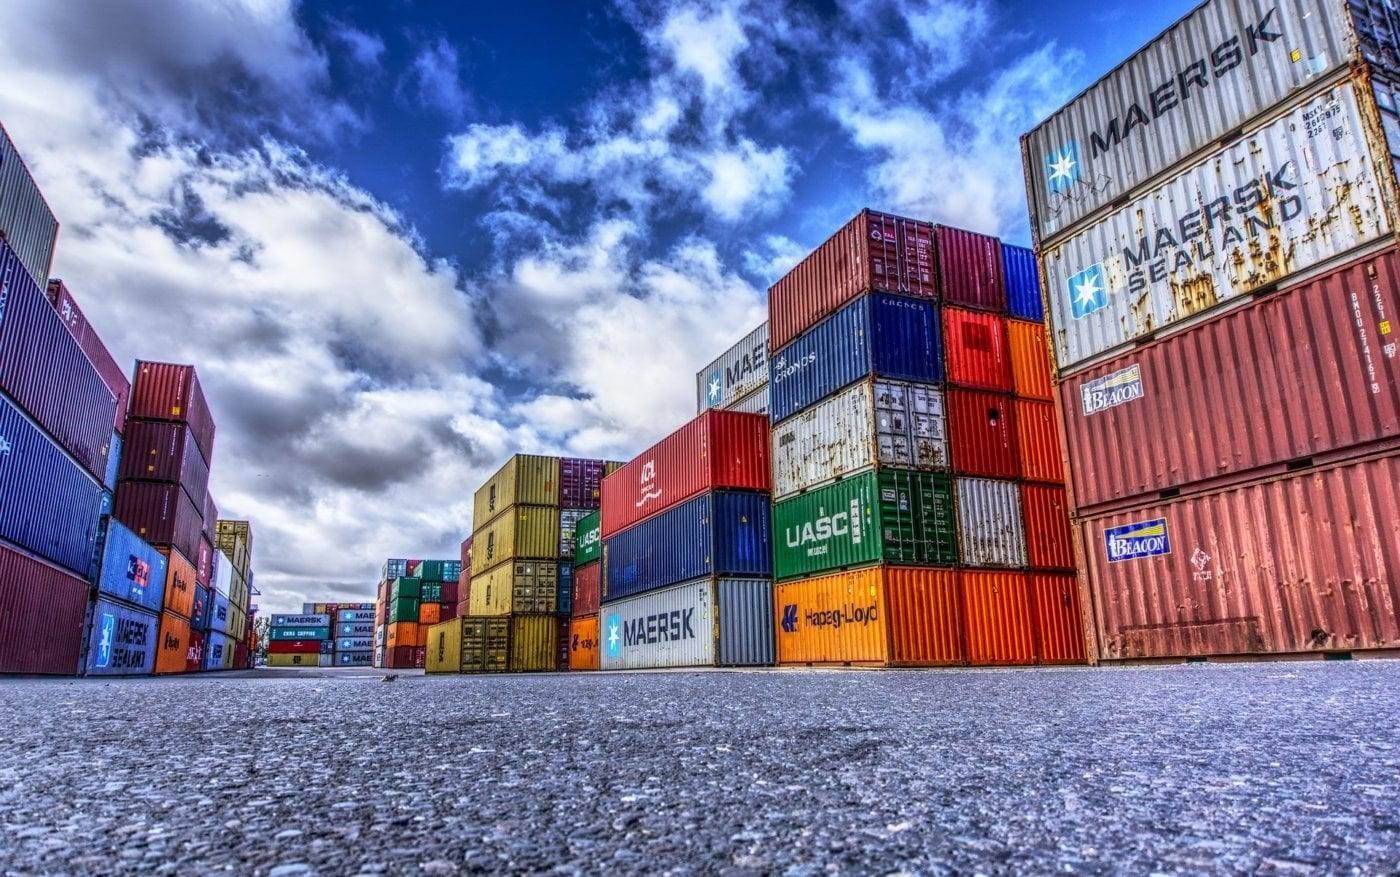 bild anwendungsgebiet gps tracker container - Gefahrengut in Containern mit GPS-Systemen schnell und unkompliziert ausfindig machen